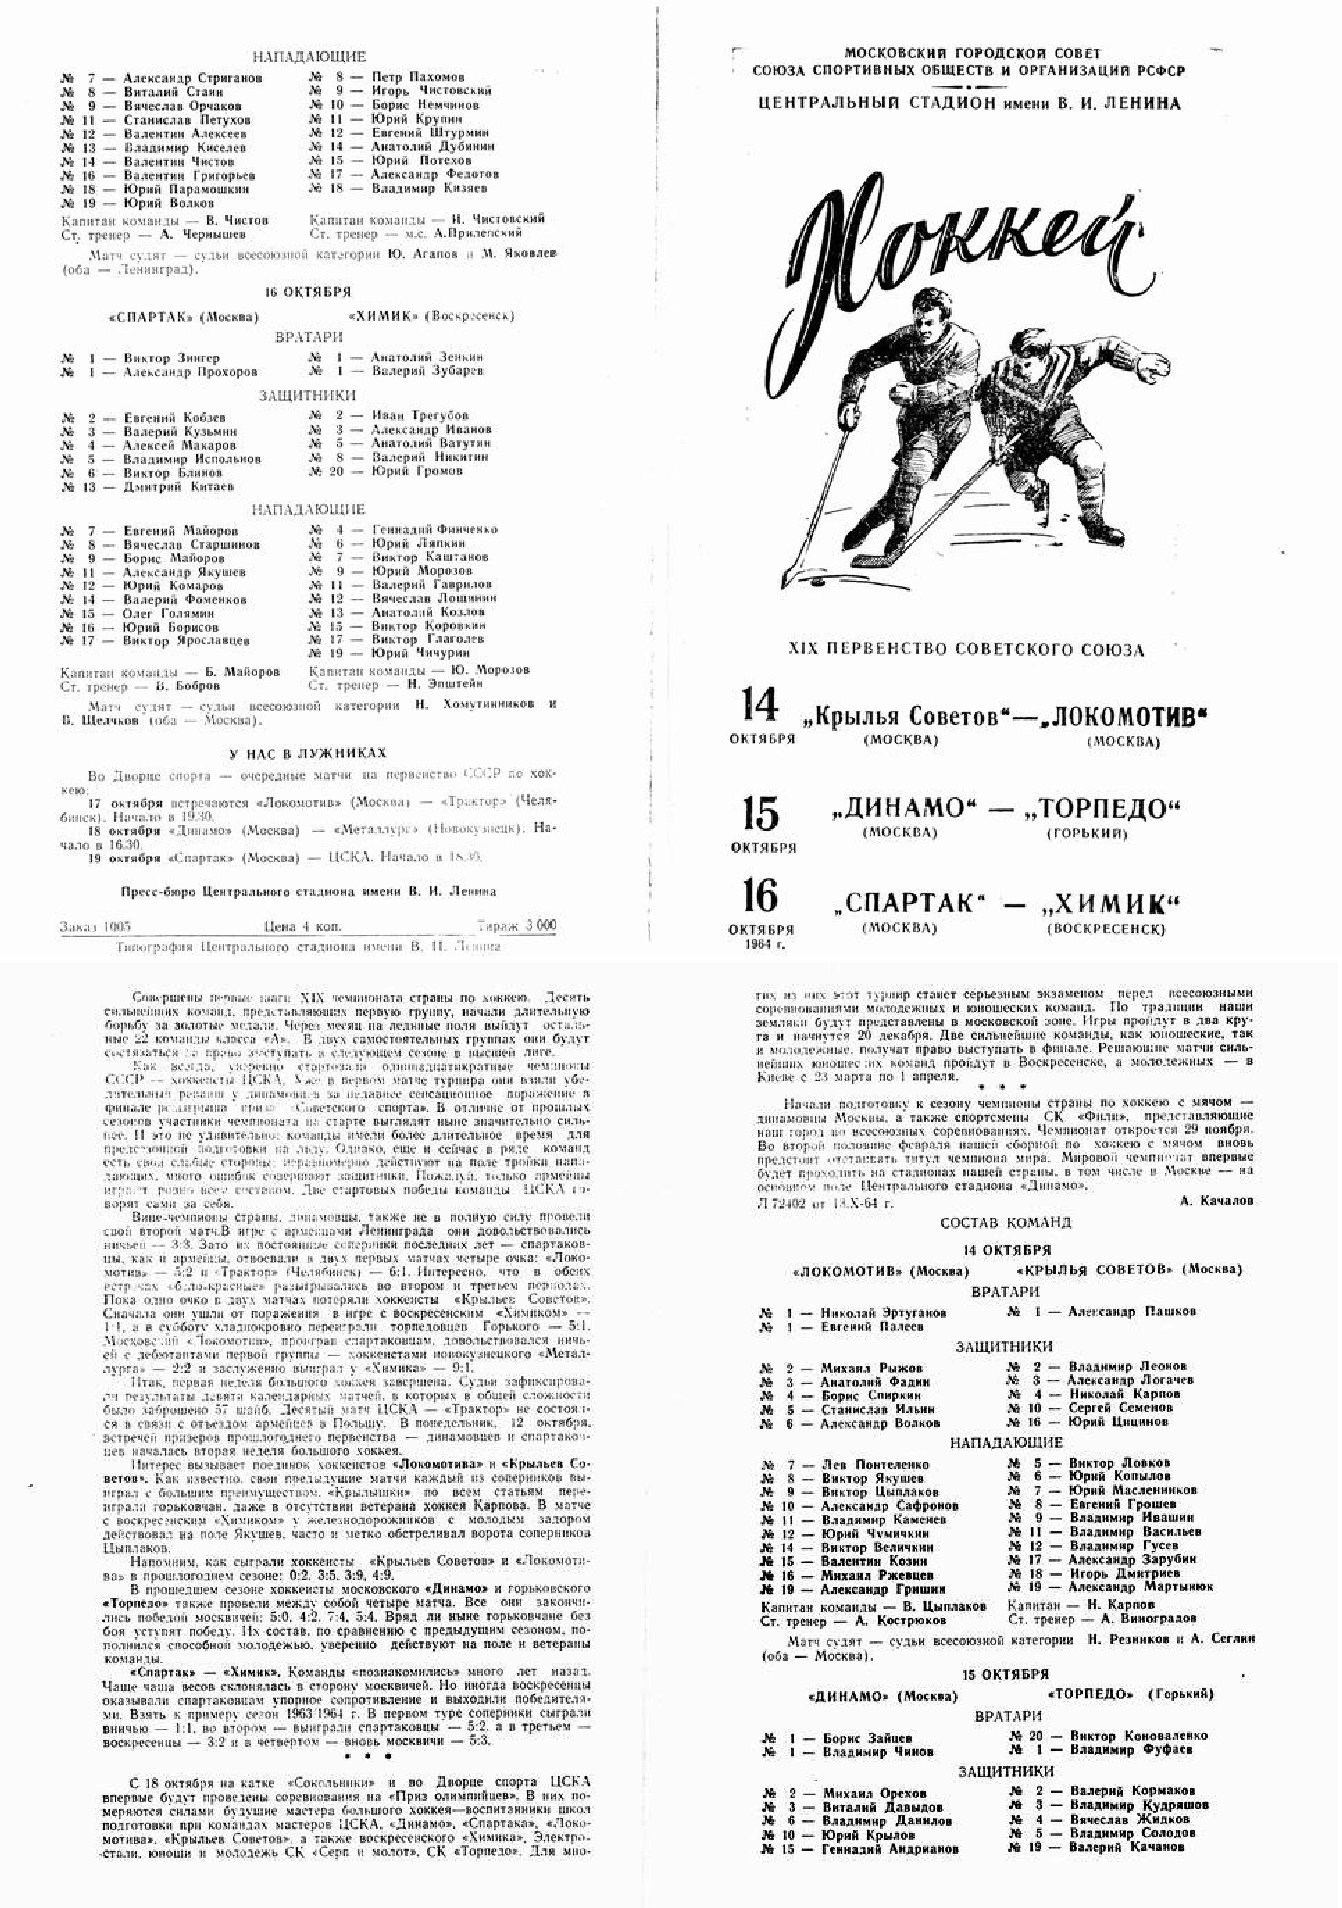 сезон 1964-1965 программки-8.jpg